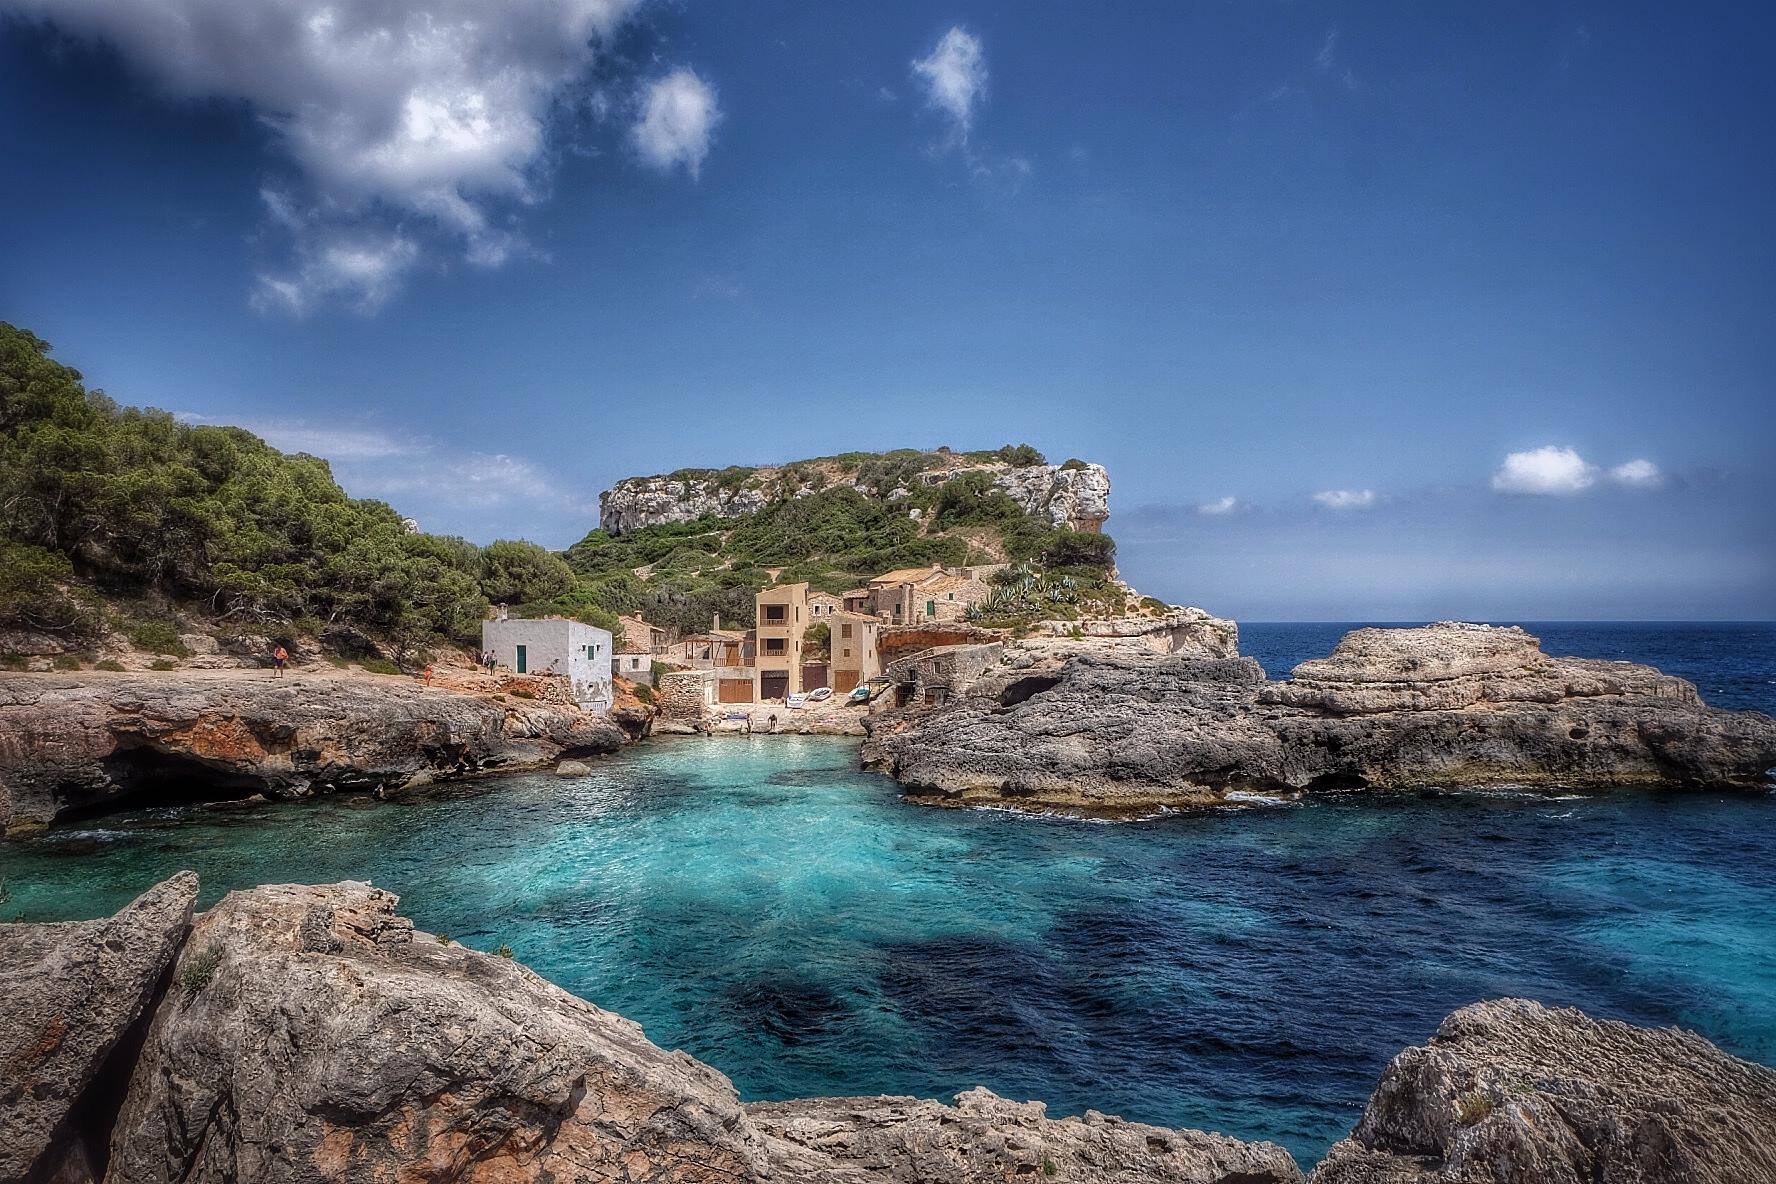 Bay at Cala s Almunia, Santanyi, Mallorca, Spain